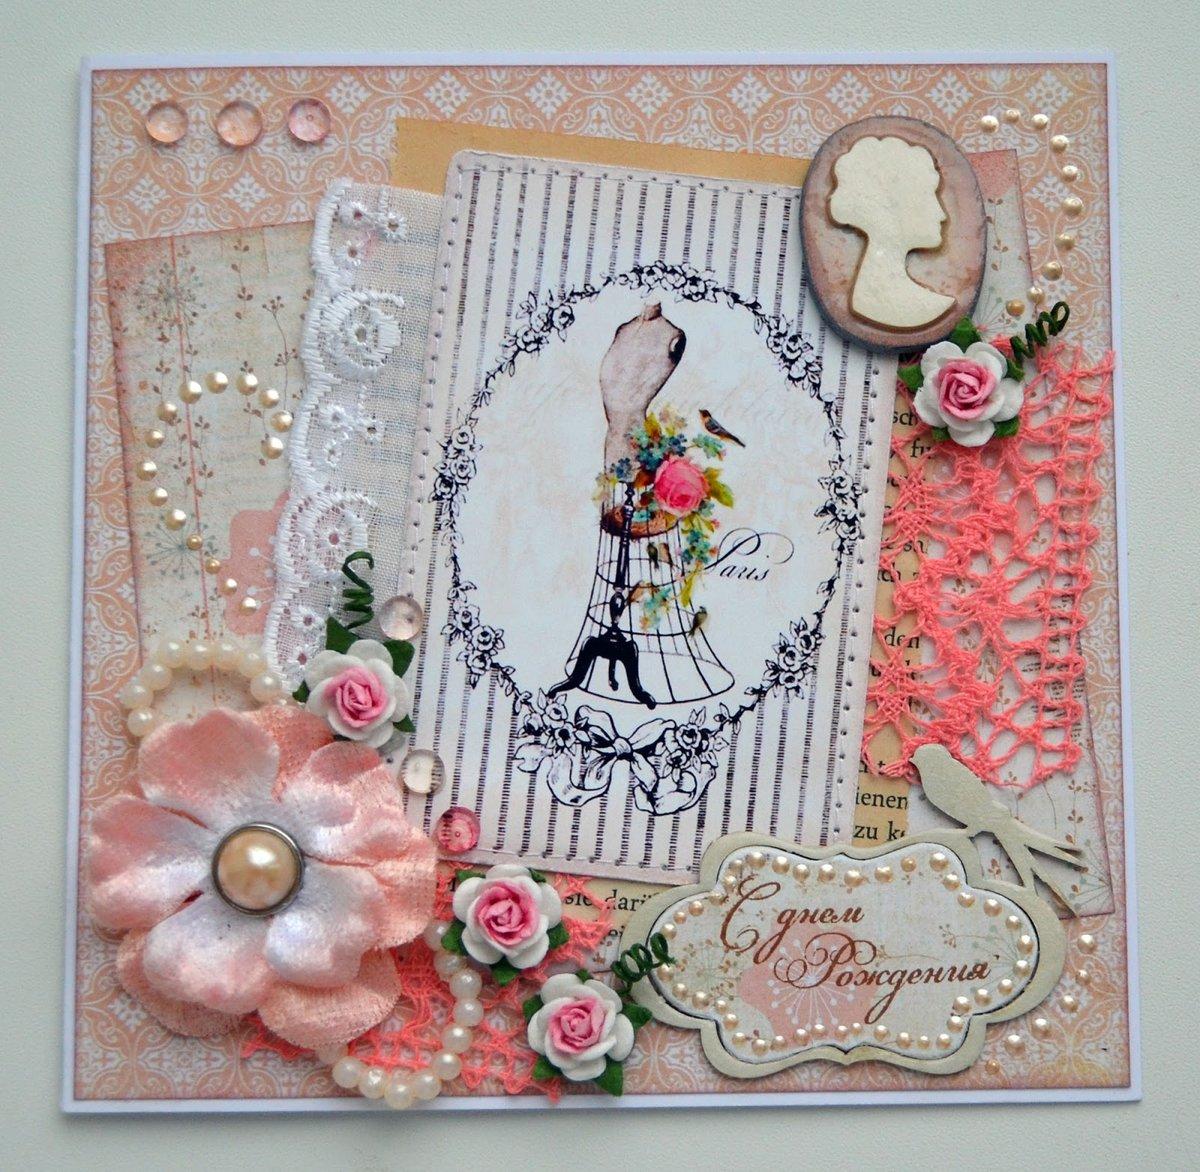 Декоративные открытки на день рождения, открытки татьянин